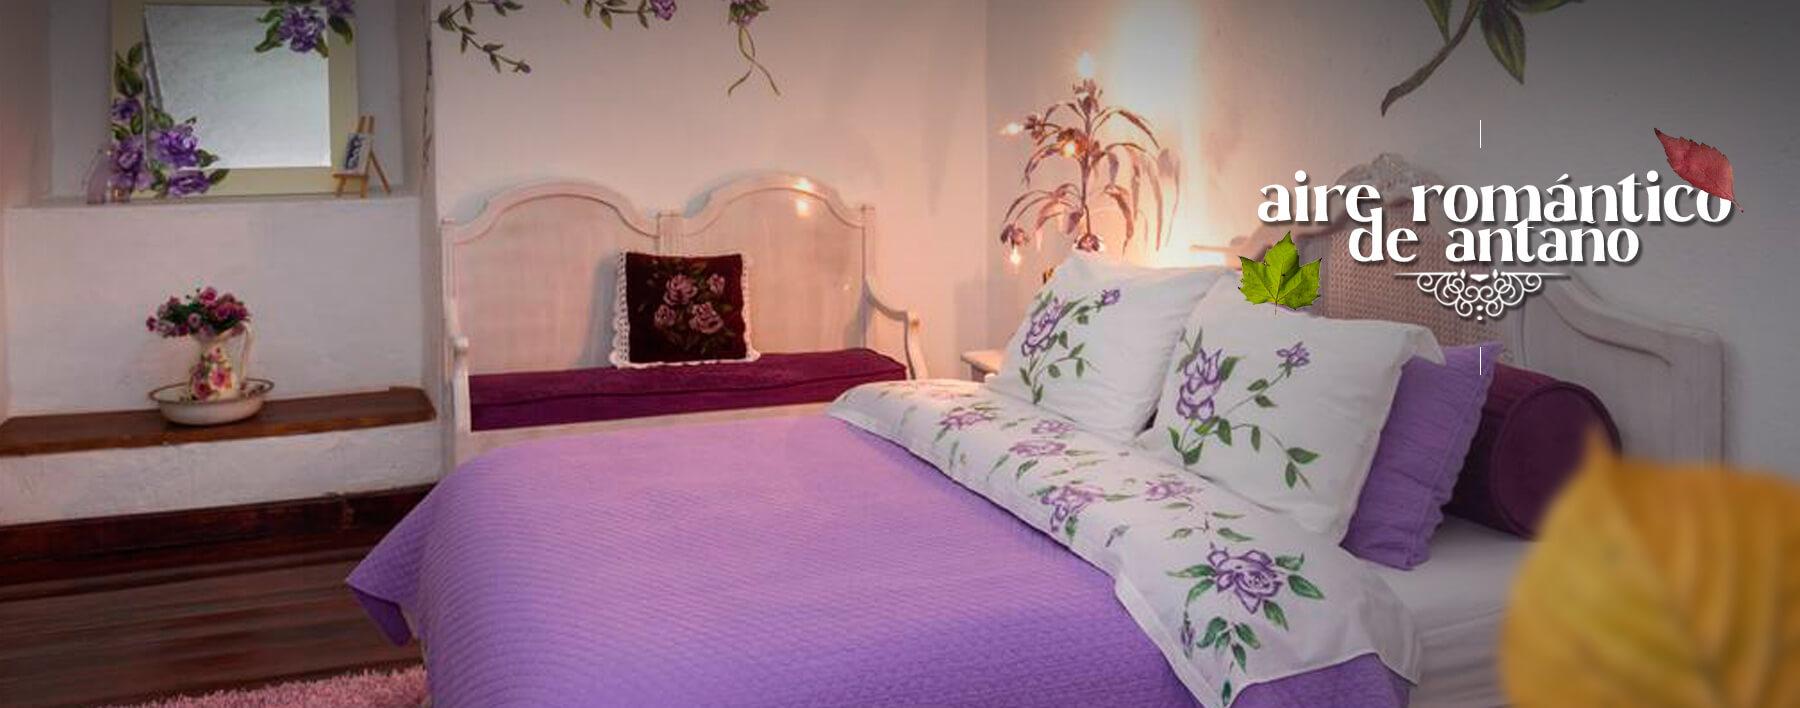 hotel-boutique-casa-de-hacienda-su-merced-habitacion-luz-de-luna-banner